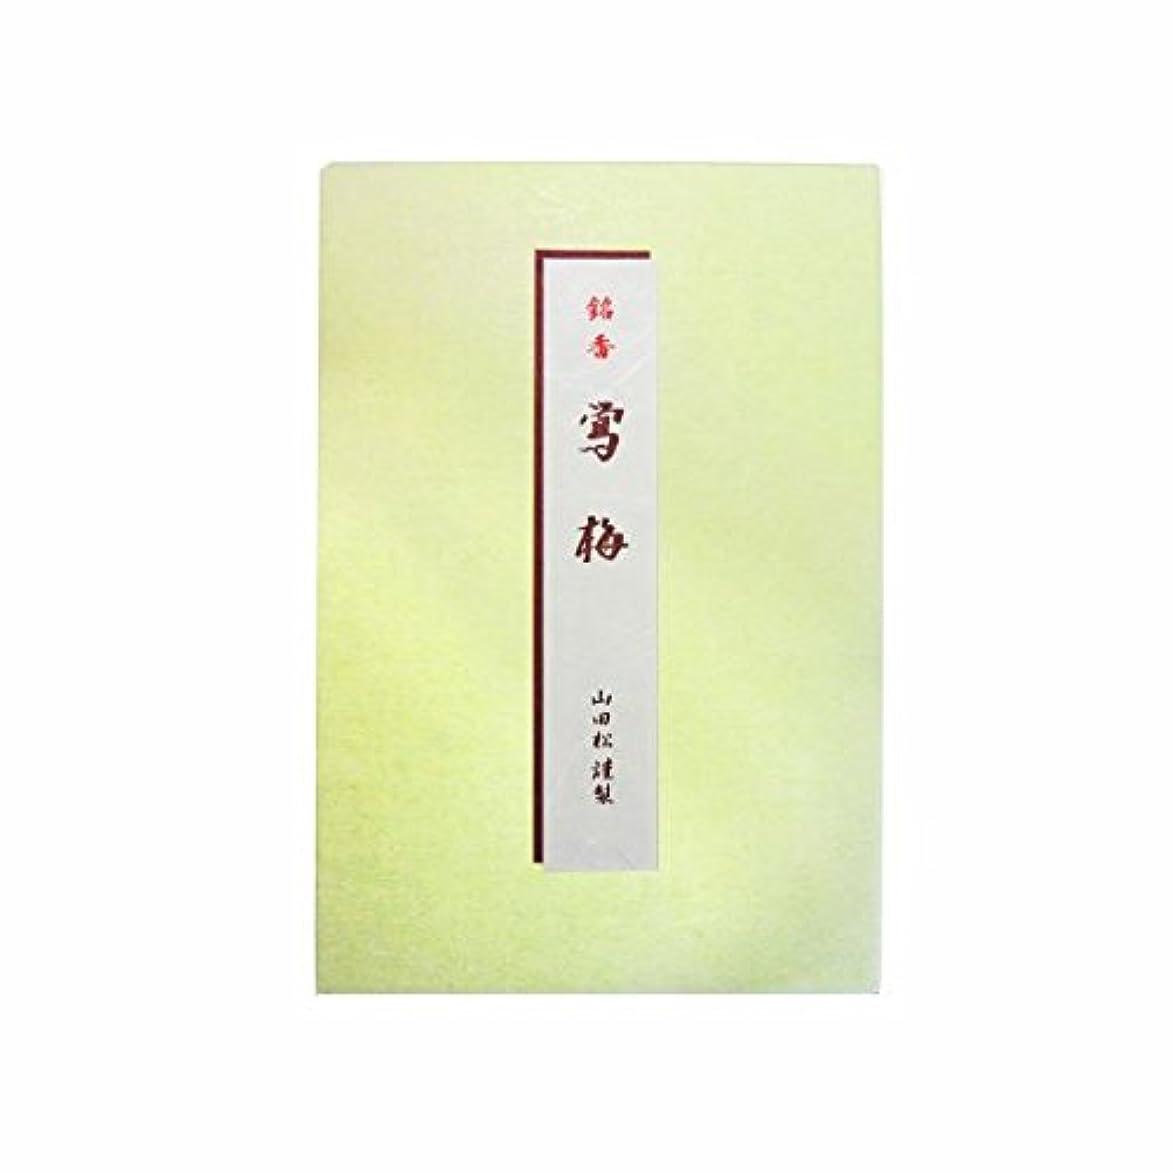 ミキサー魅惑する大鴬梅 短寸 バラ詰